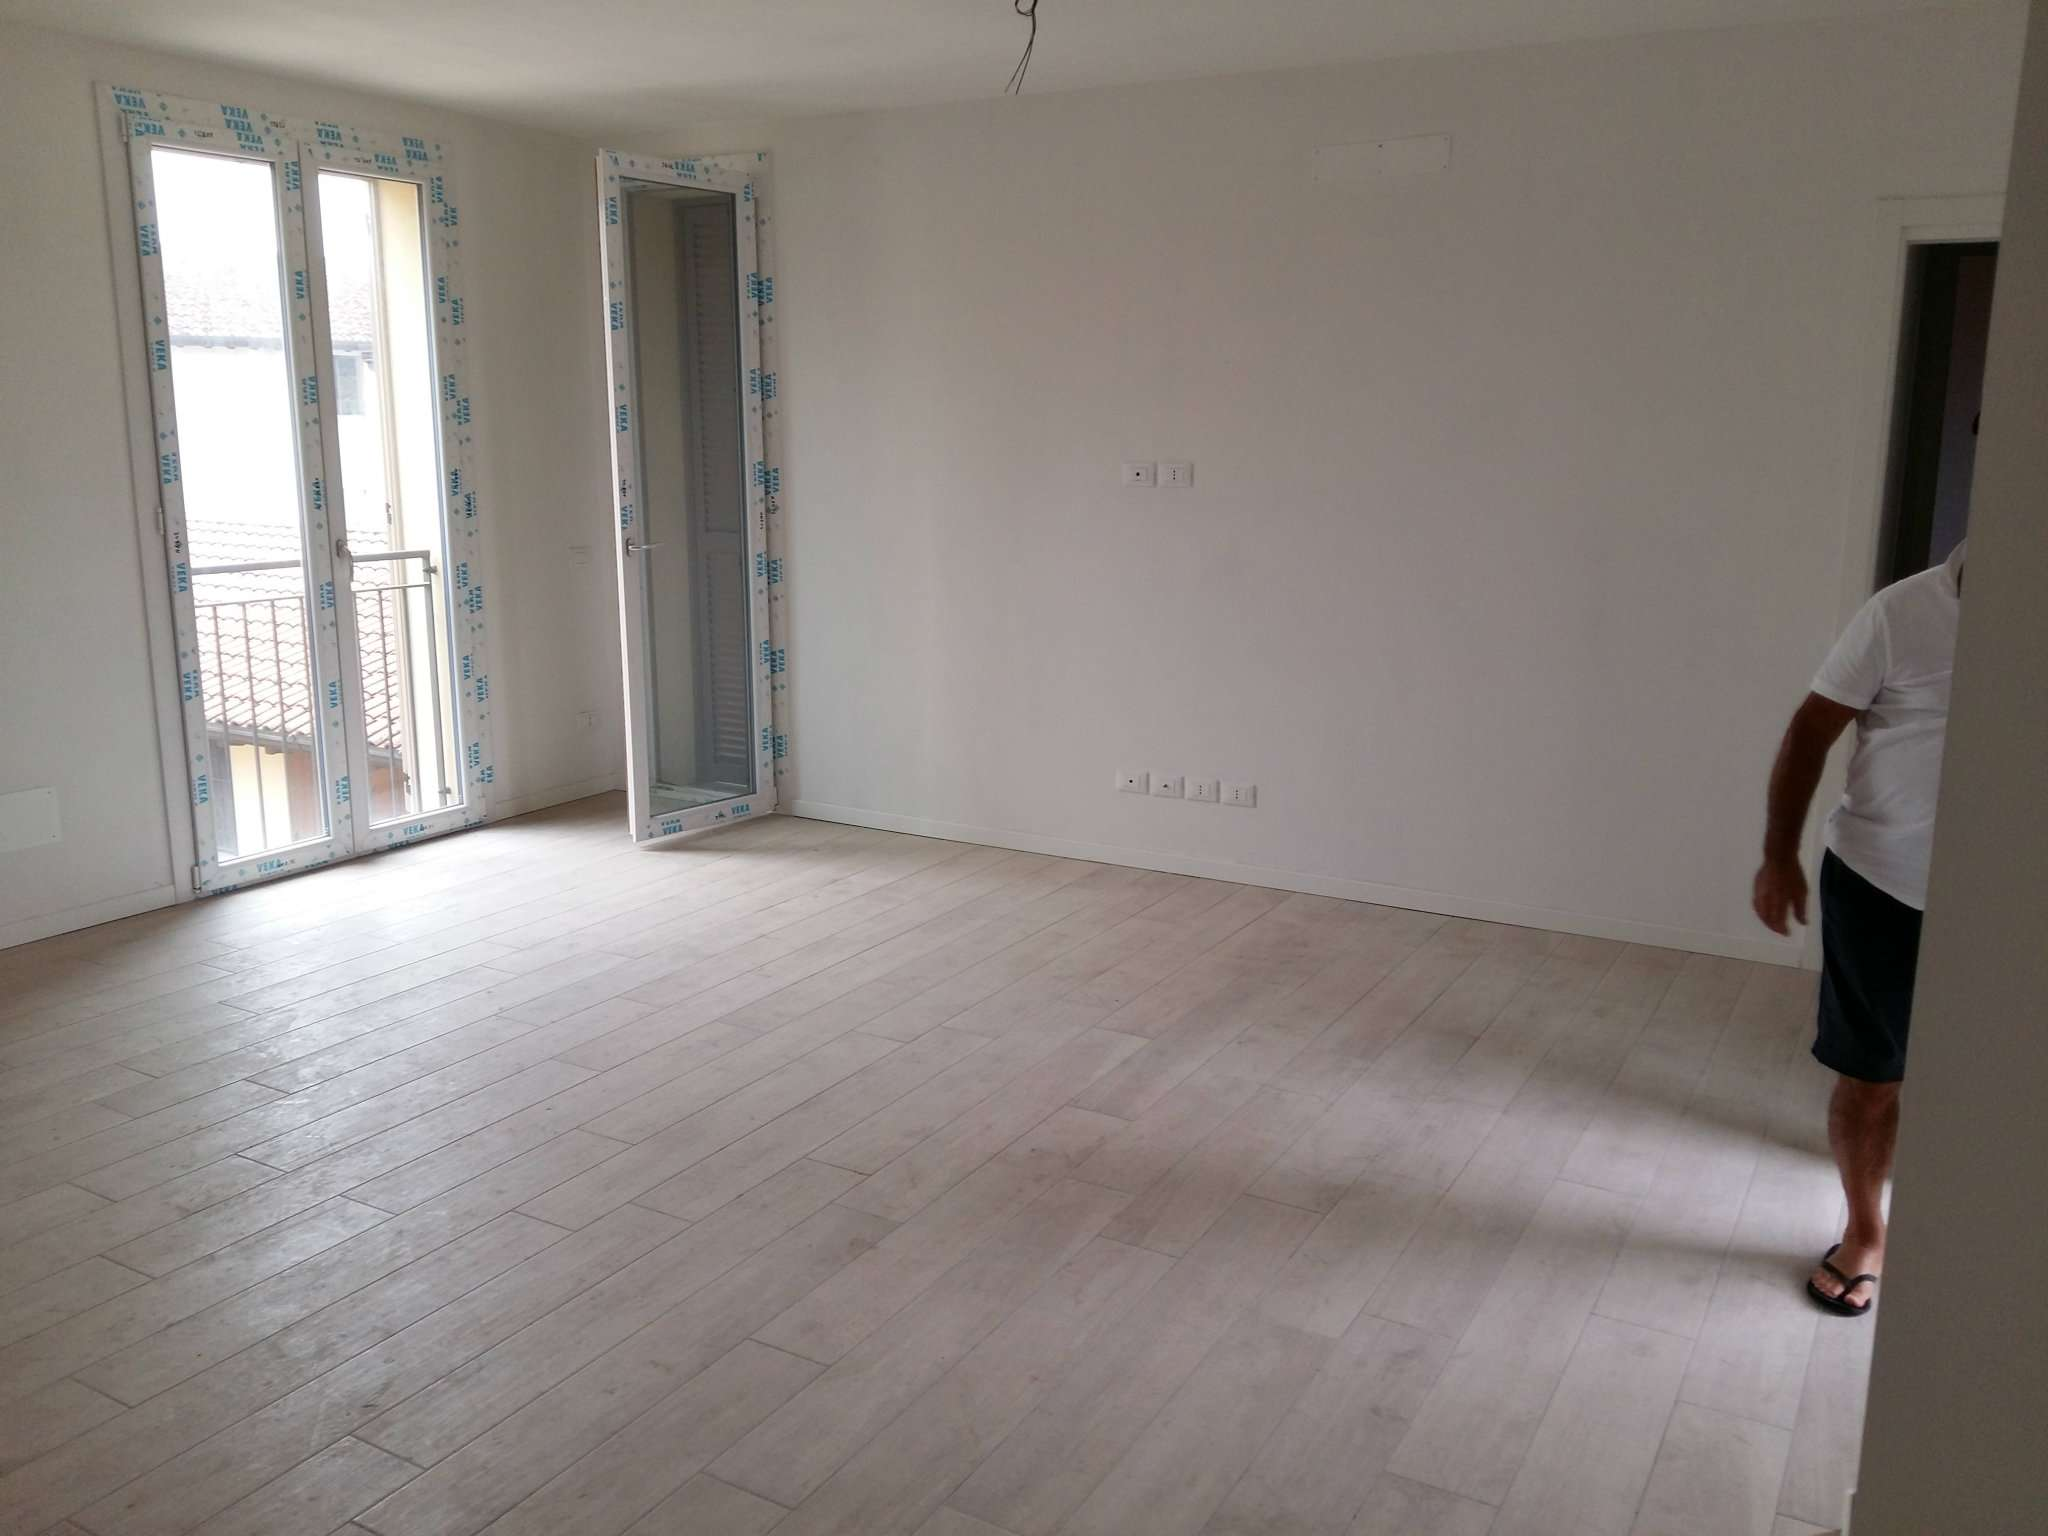 Appartamento in vendita a Bariano, 3 locali, prezzo € 129.000 | CambioCasa.it